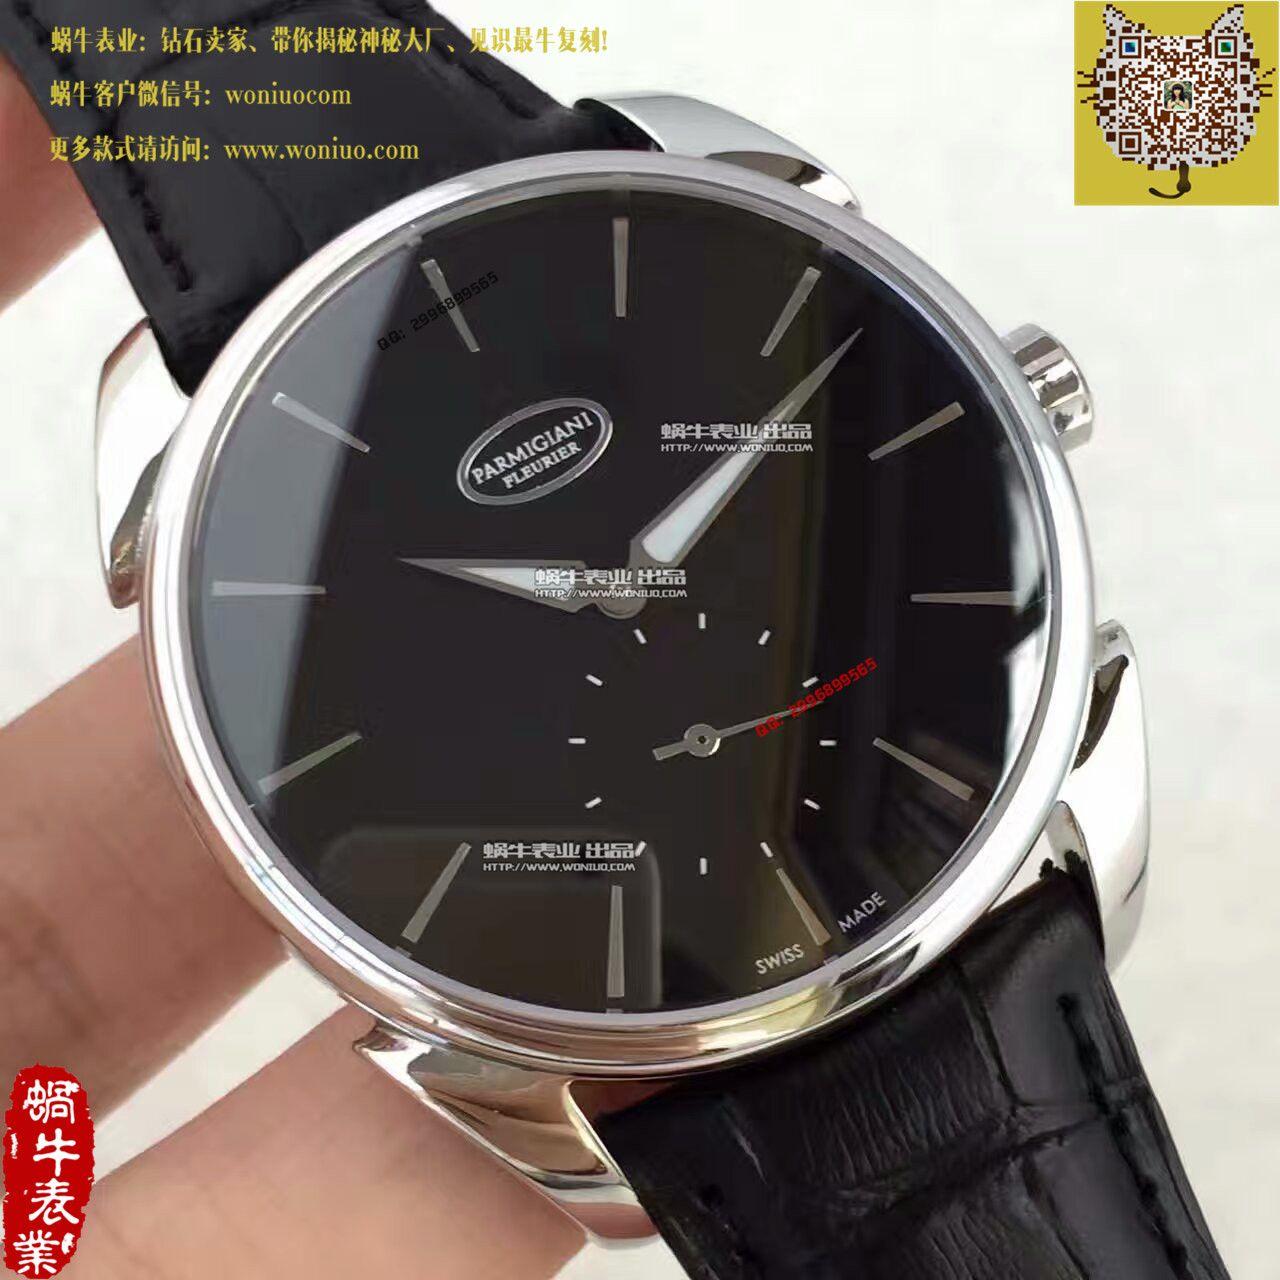 【一比一高仿手表】帕玛强尼Tonda系列PFC267-1200300-HA1441腕表 / PM020